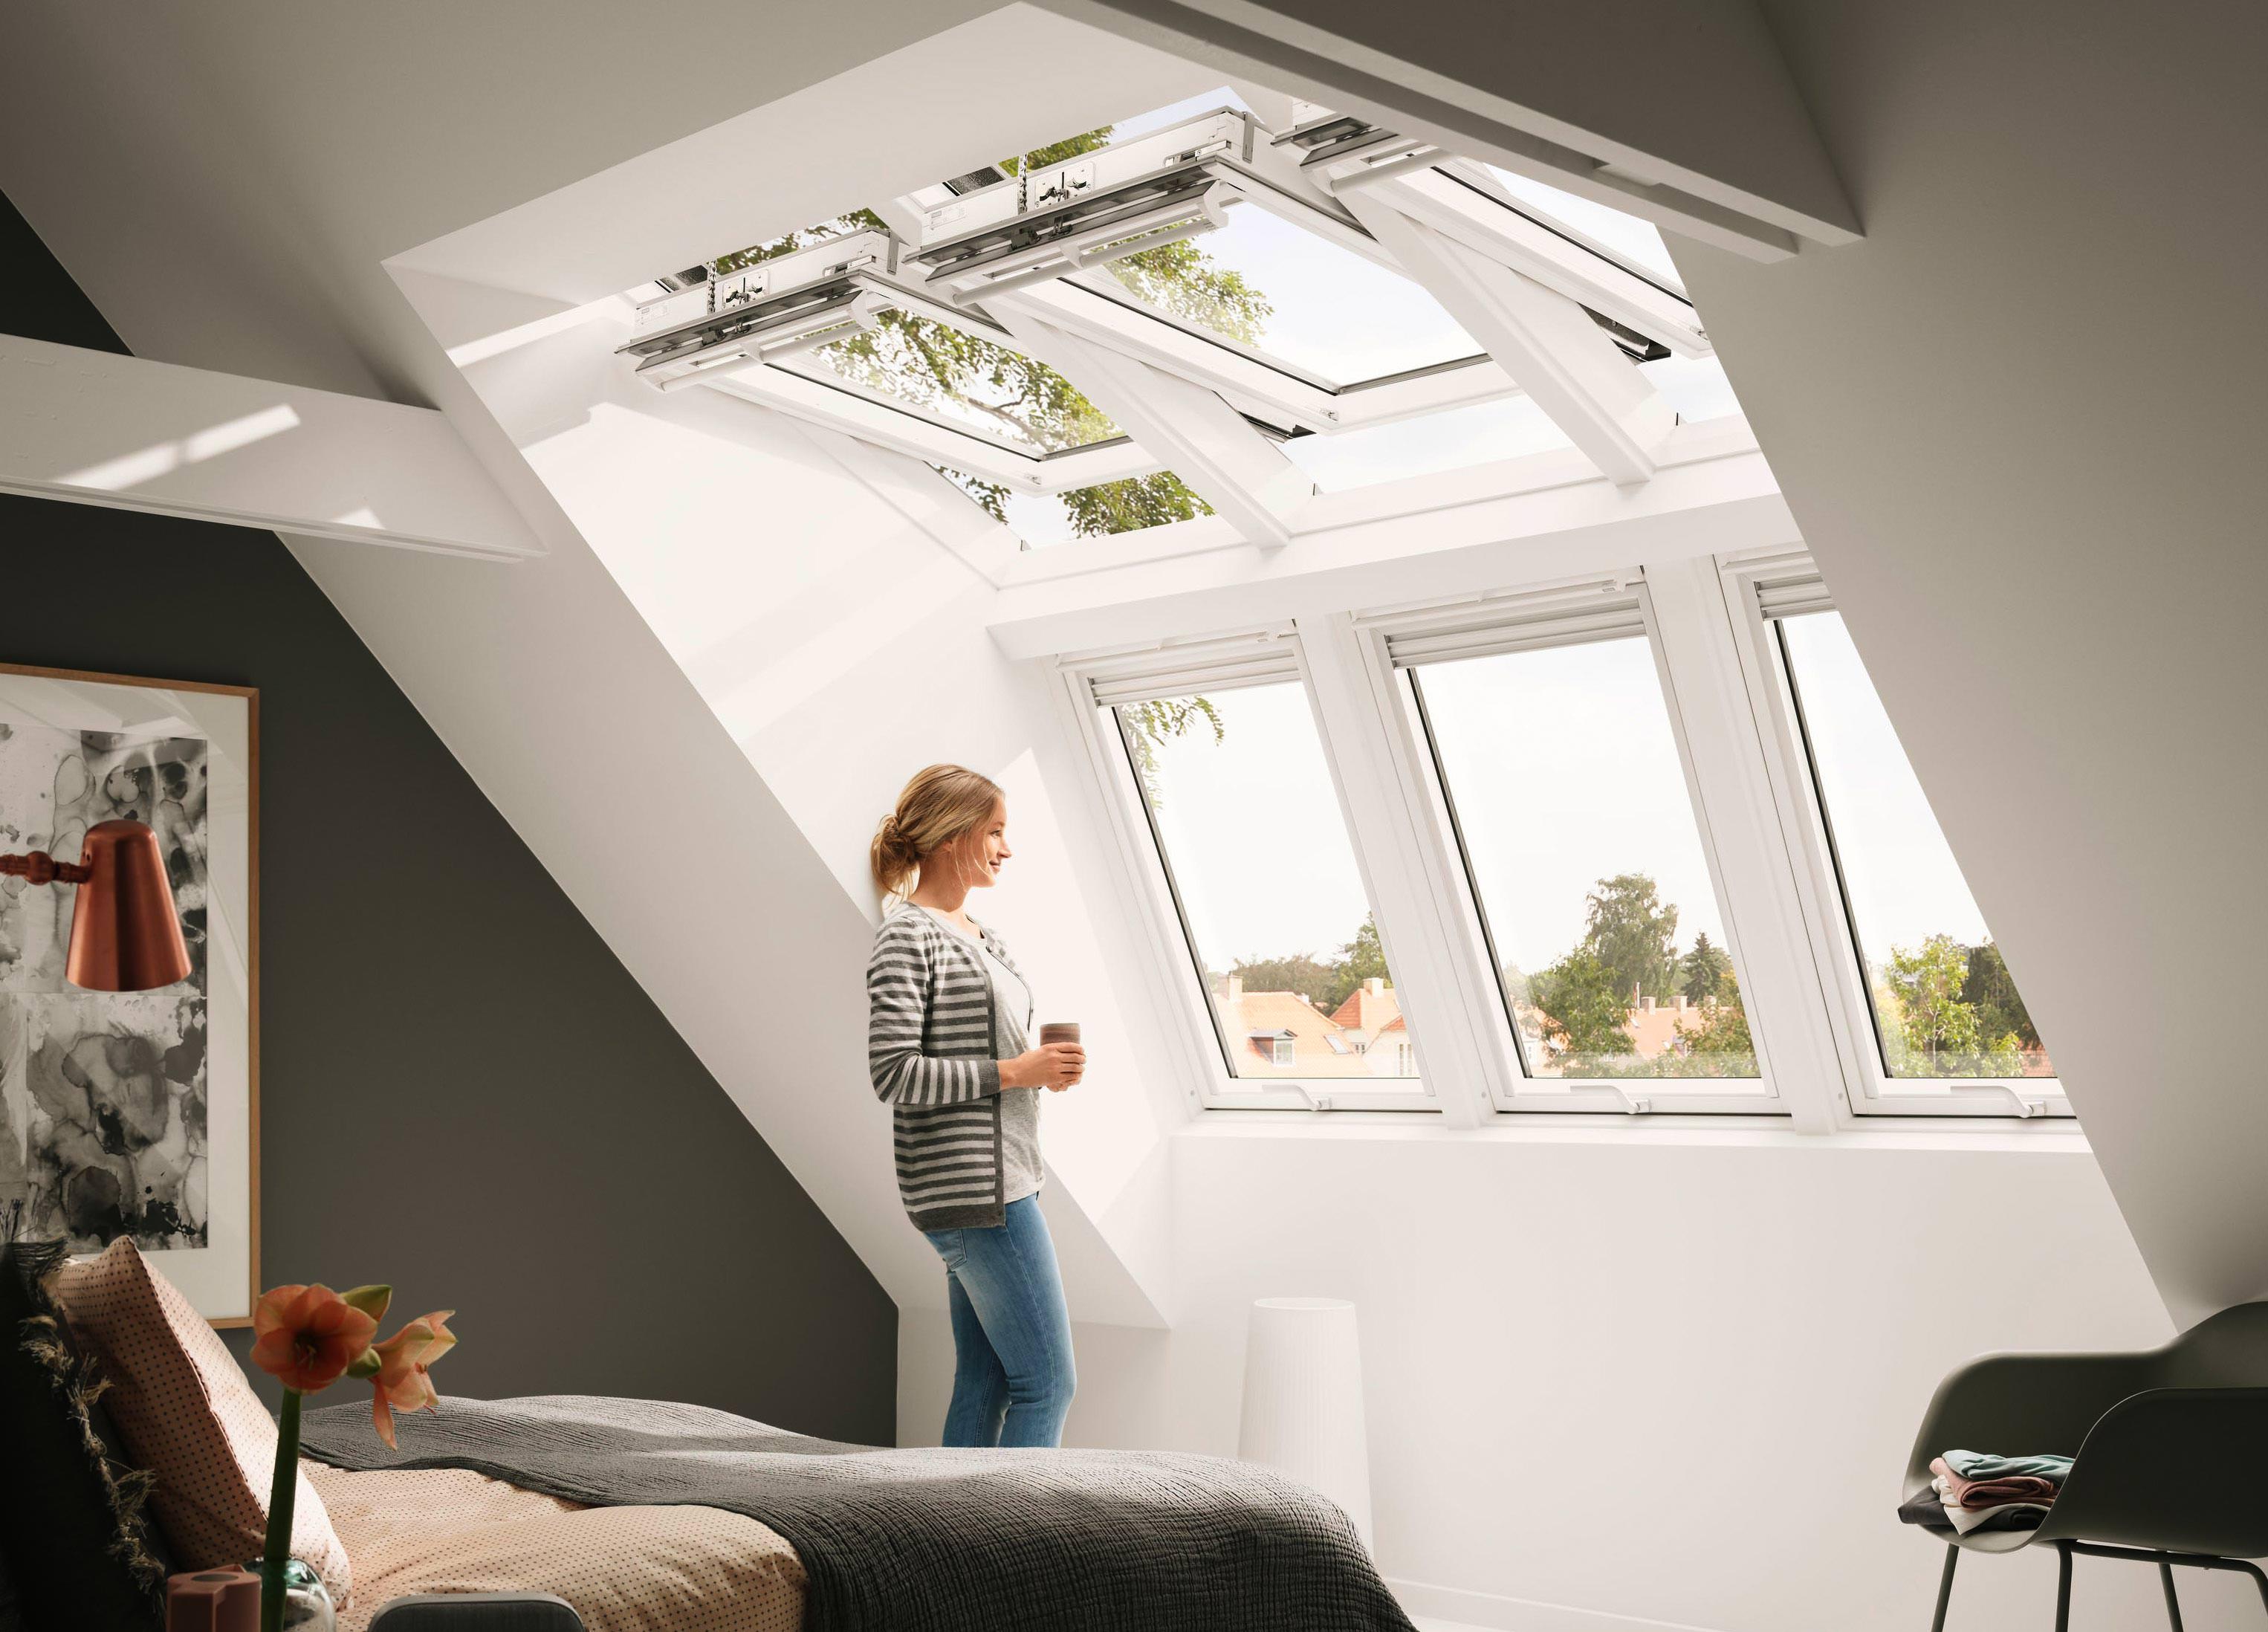 tageslicht und kopffreiheit velux macht mit panorama und raum gauben konkurrenz. Black Bedroom Furniture Sets. Home Design Ideas